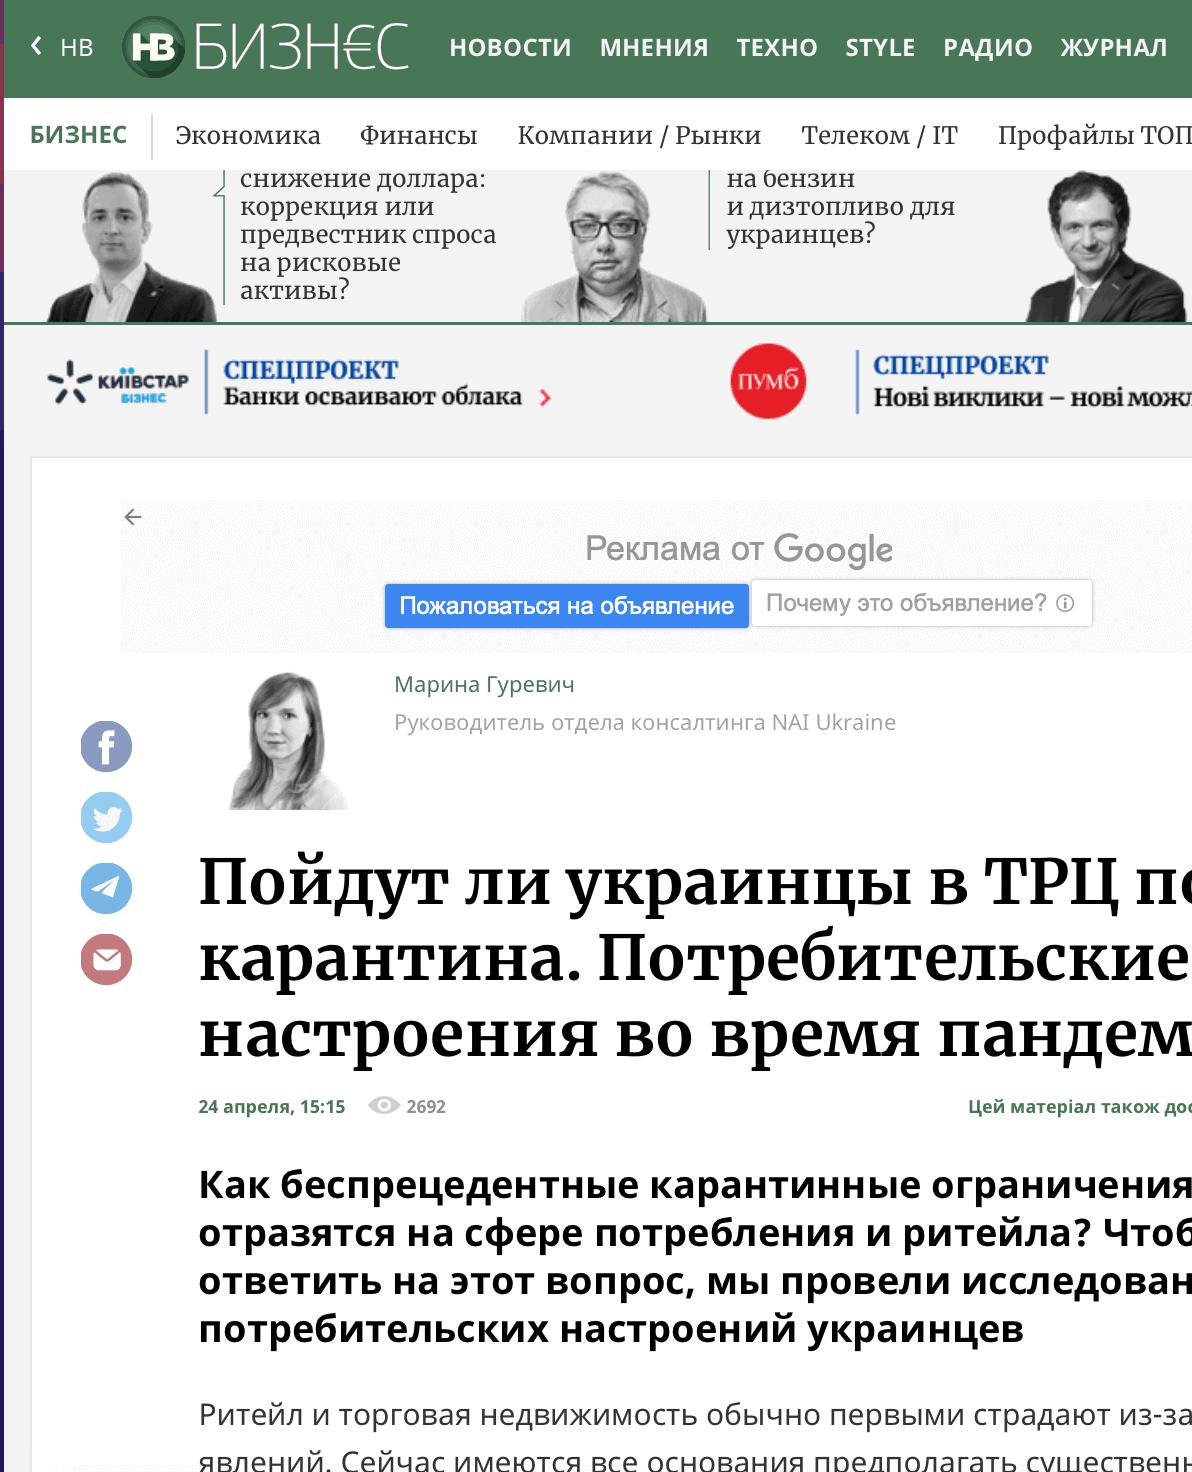 Пойдут ли украинцы в ТРЦ после карантина. Потребительские настроения во время пандемии